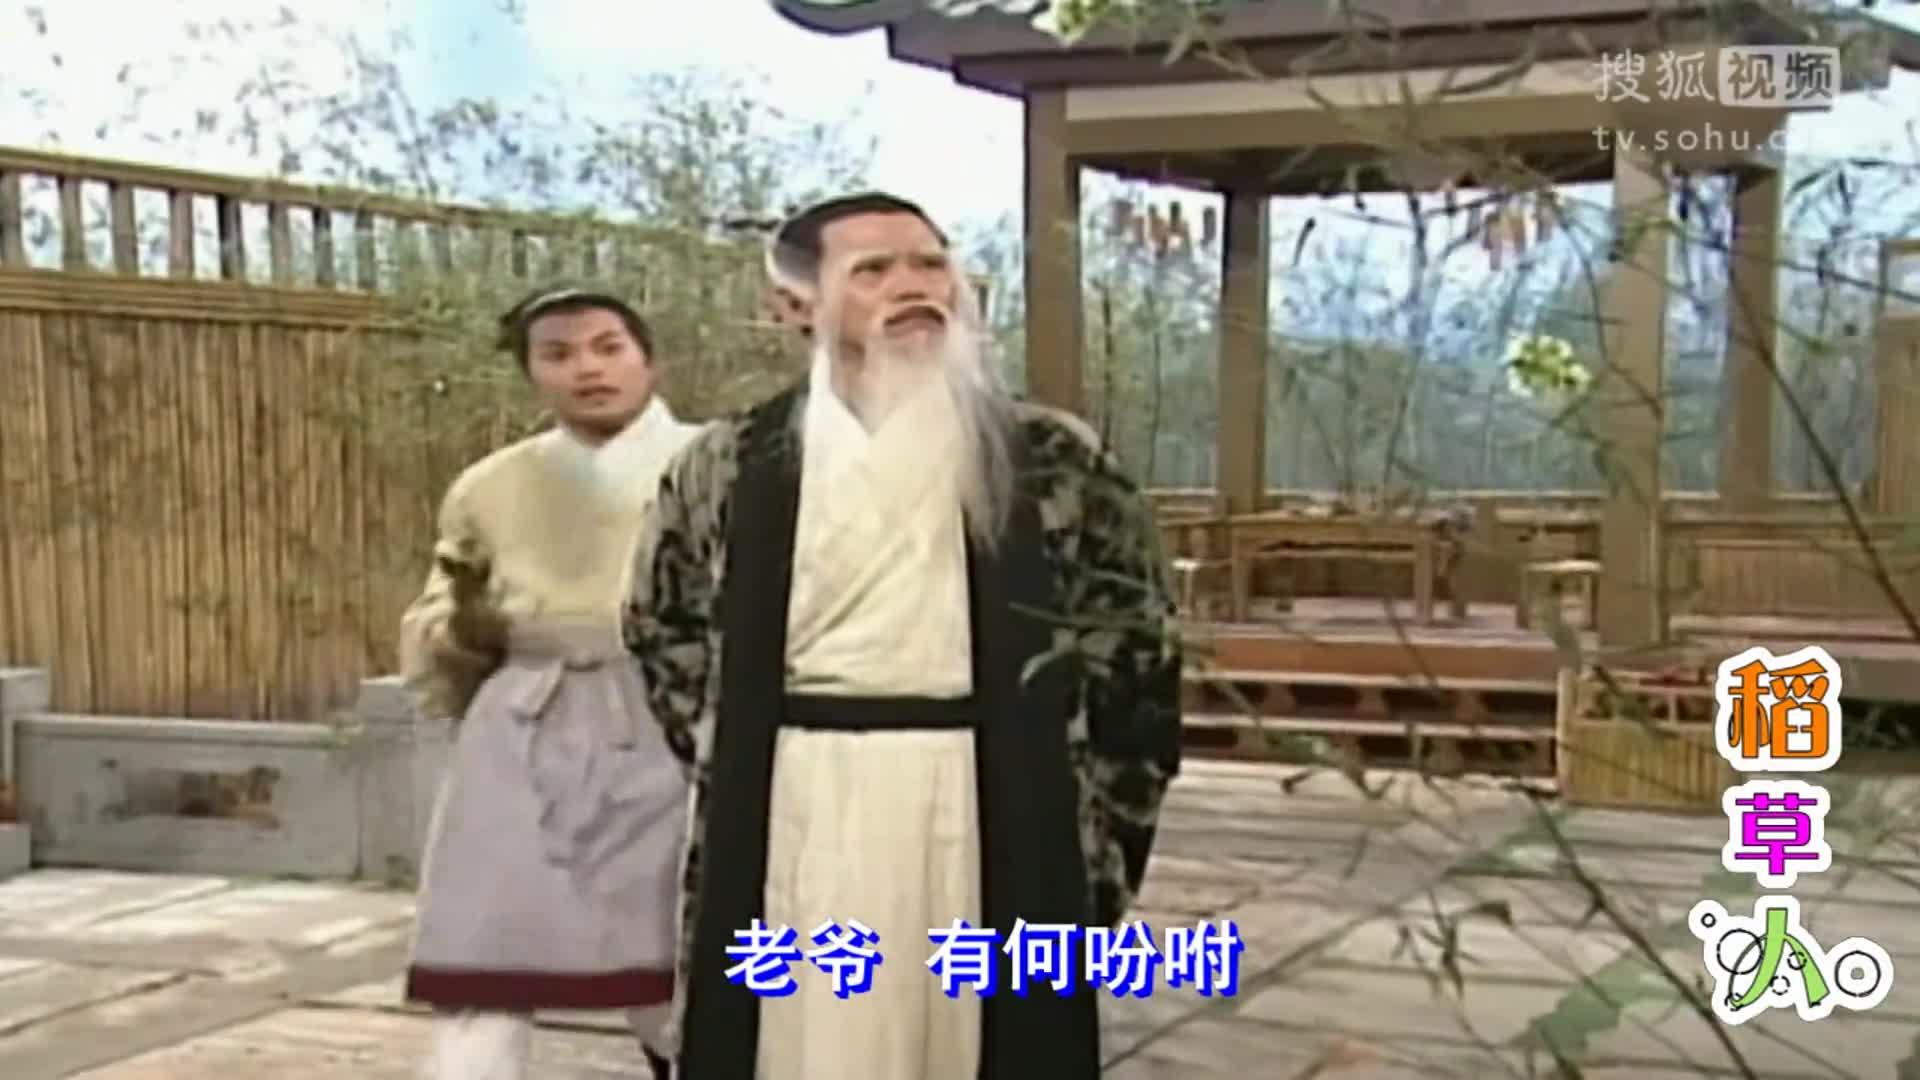 《稻草人工作室》-爱奇艺-综艺节目全集